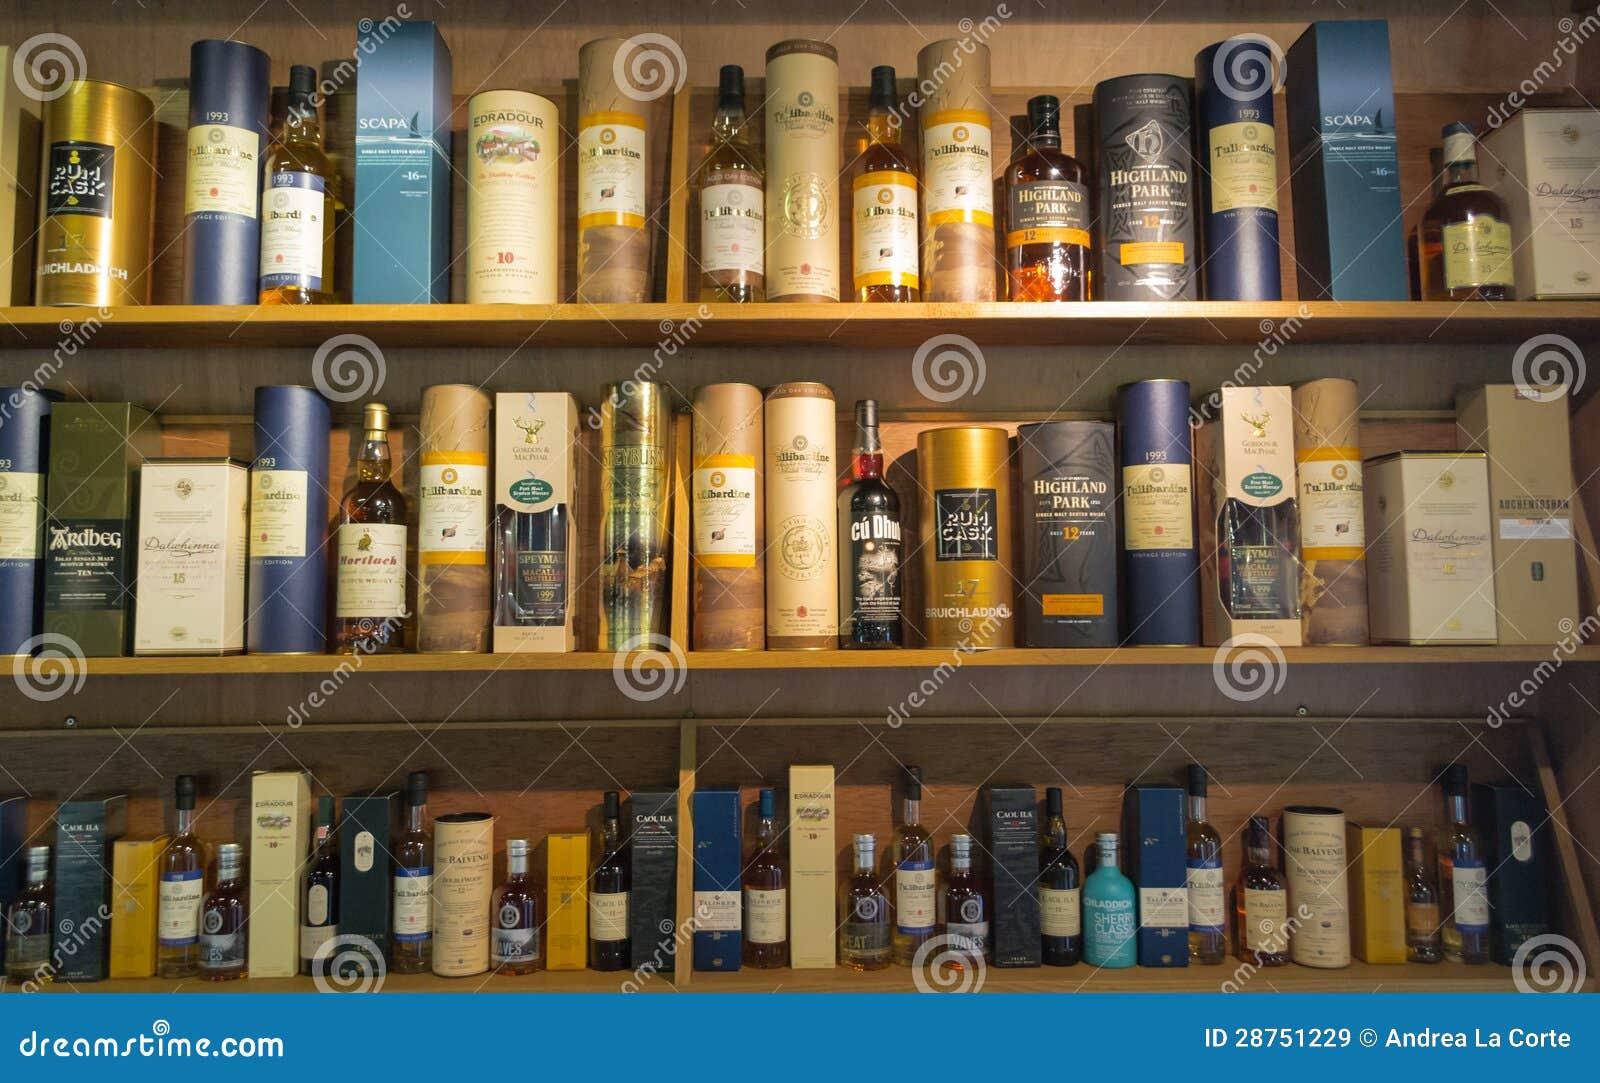 whisky bottles editorial stock image image of drinks. Black Bedroom Furniture Sets. Home Design Ideas